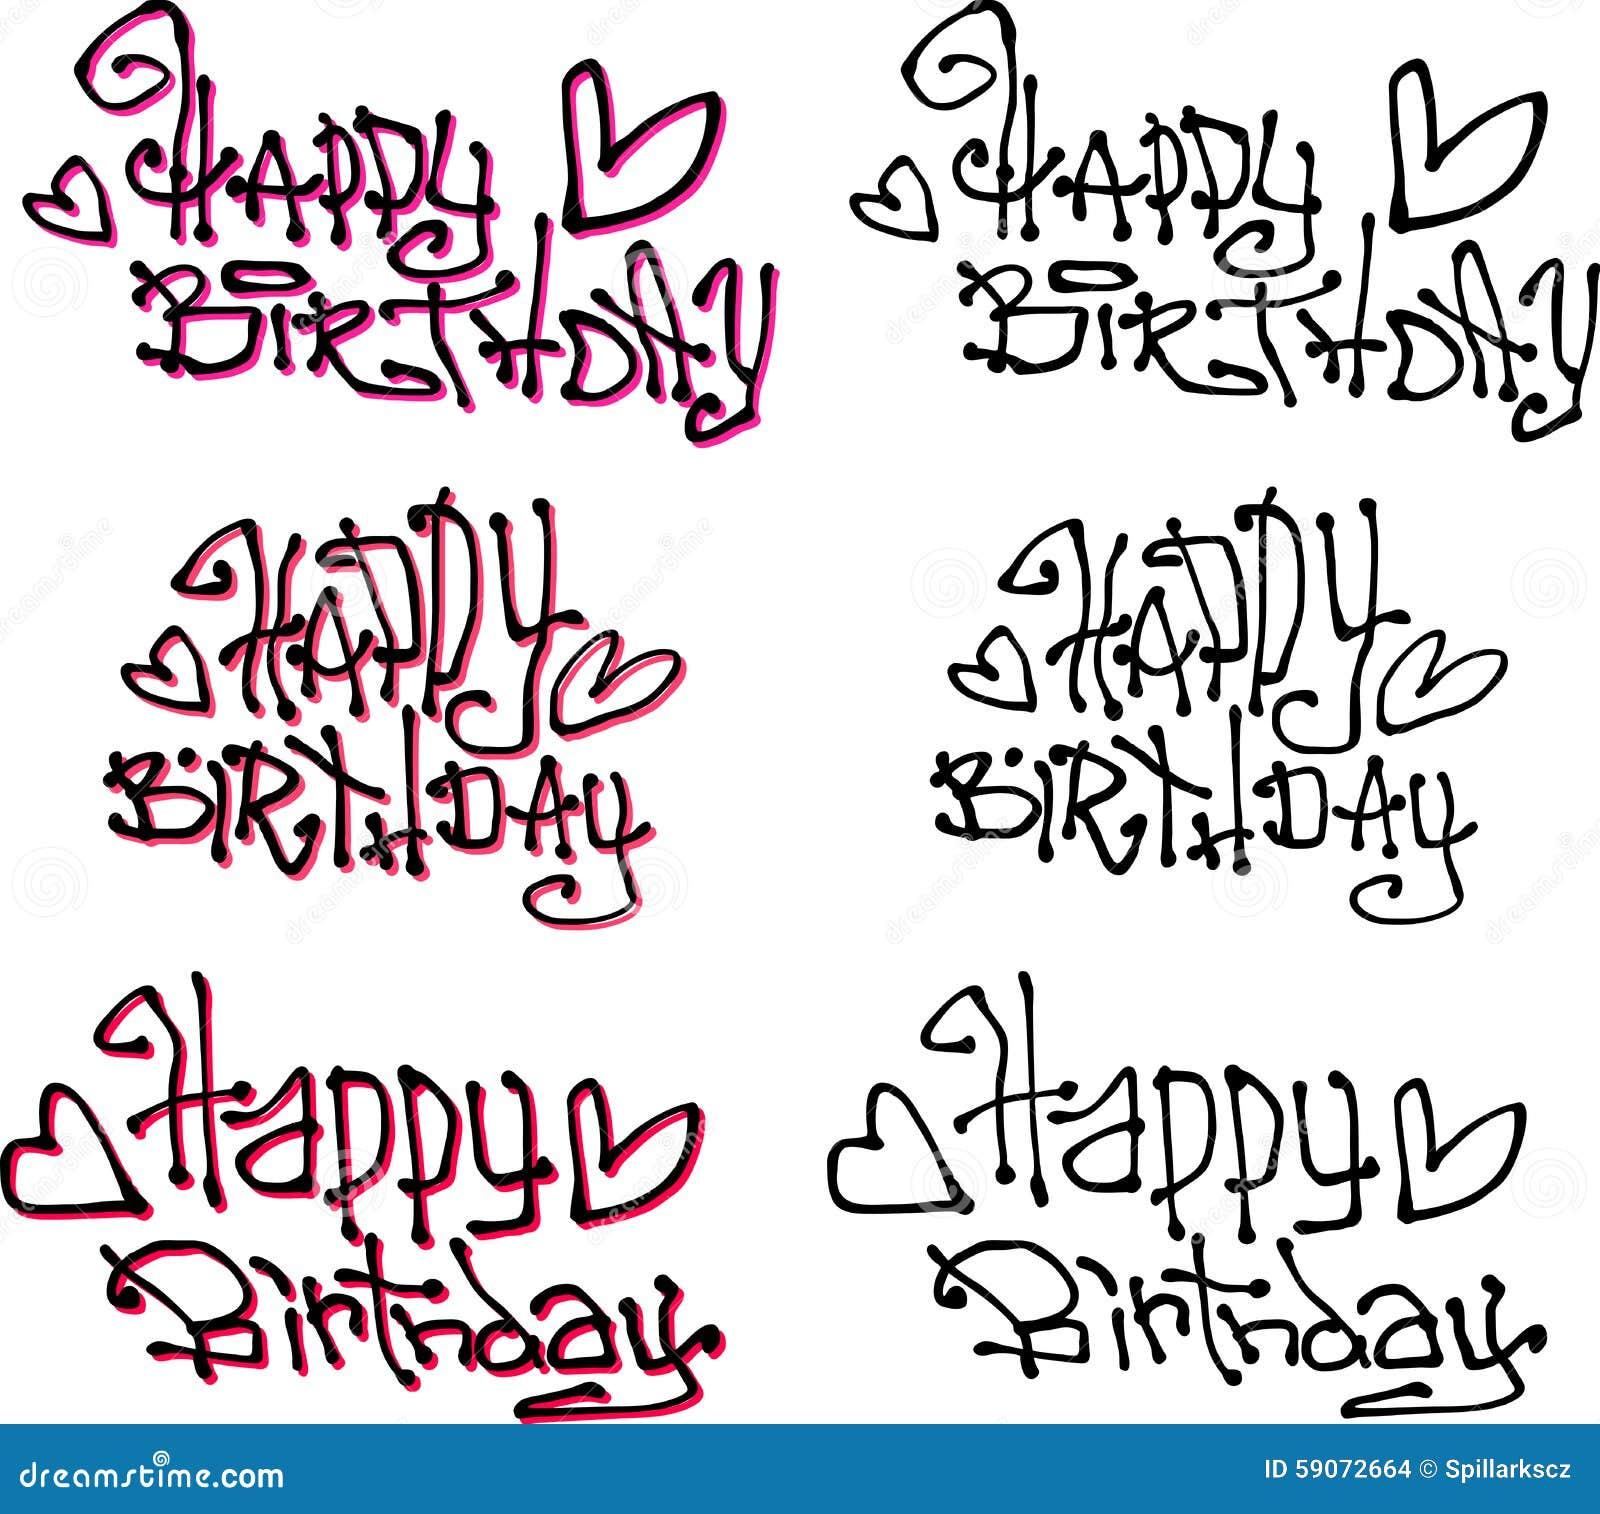 Шрифт для поздравления с днем рождения фото 28